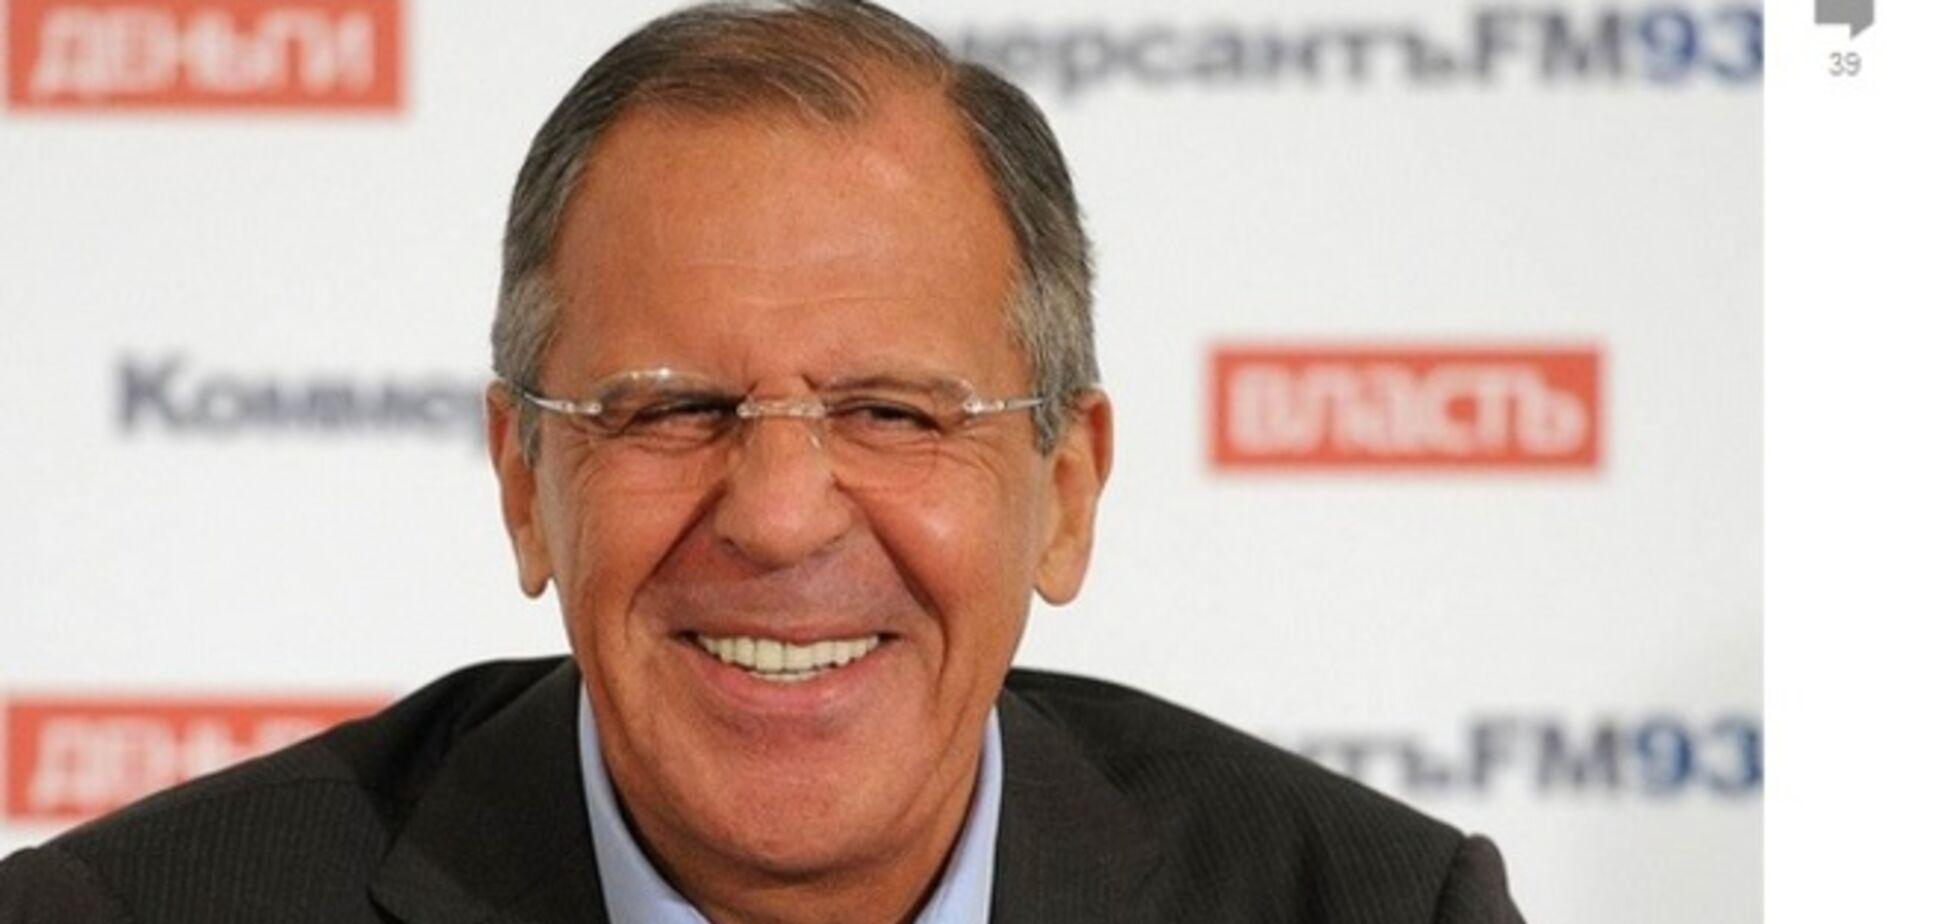 Російські ЗМІ пропонують всім побути 'в шкурі' Лаврова